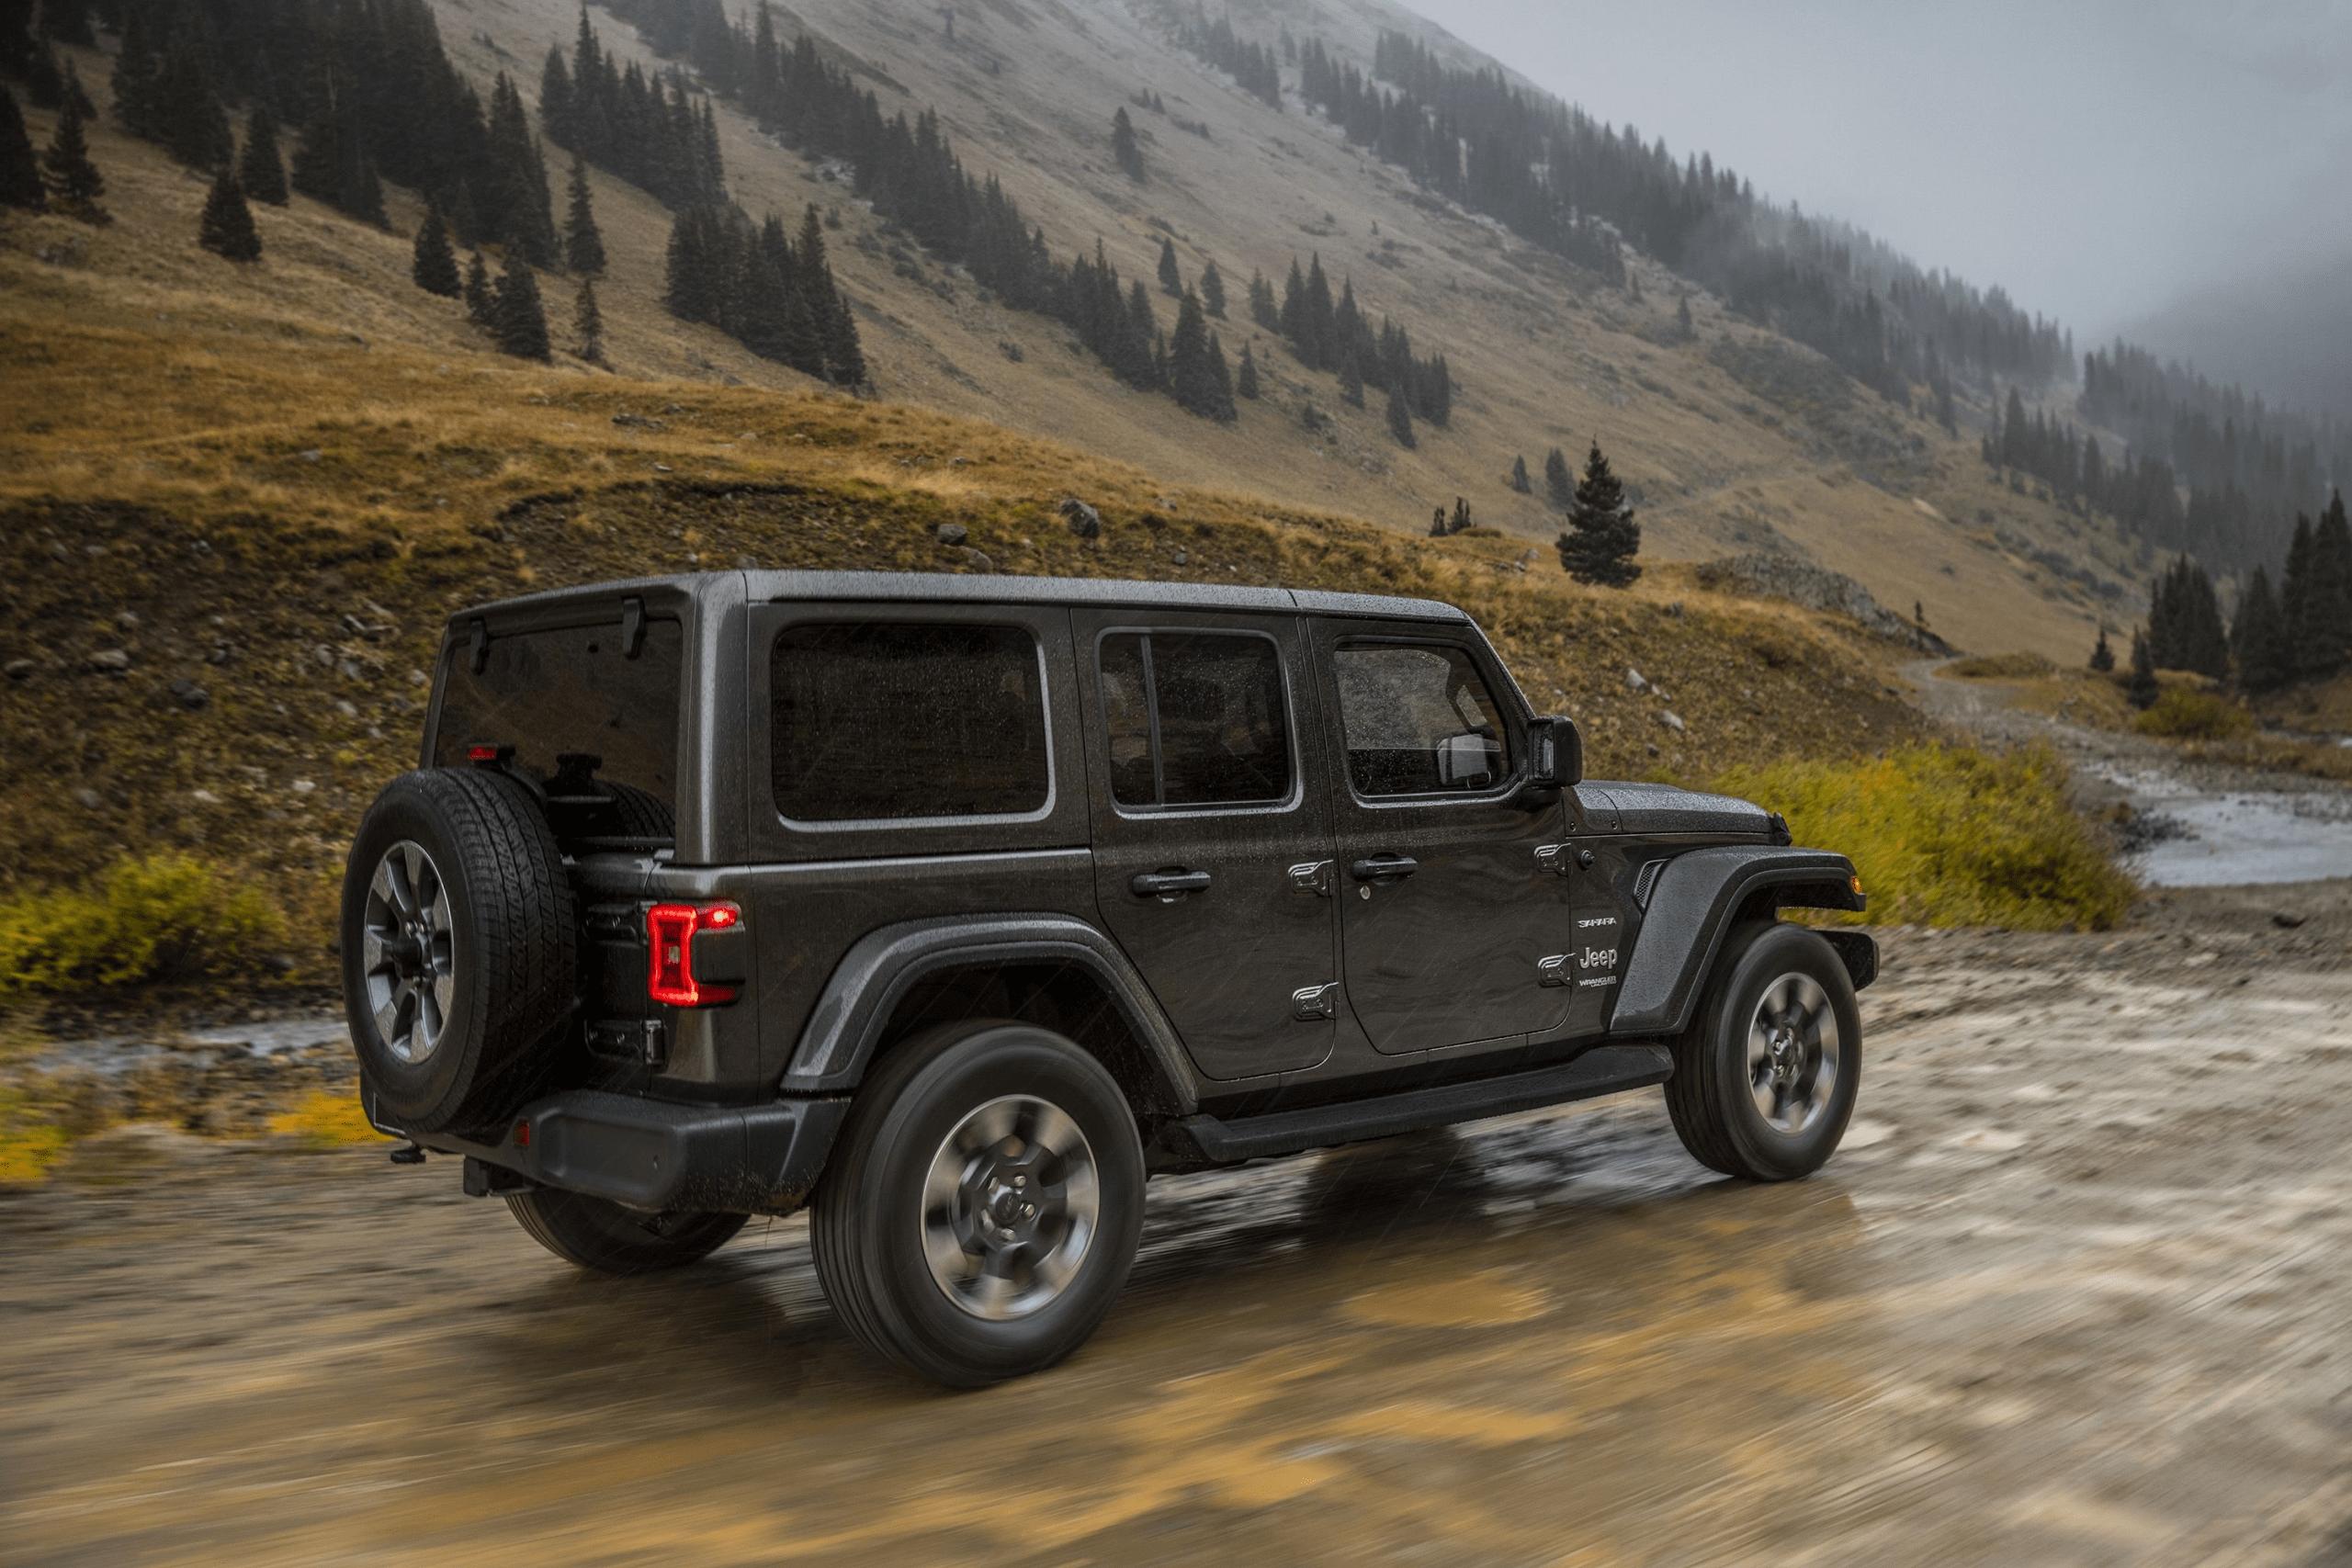 2021 Jeep Wrangler Rubicon Spy Shoot In 2020 Jeep Wrangler